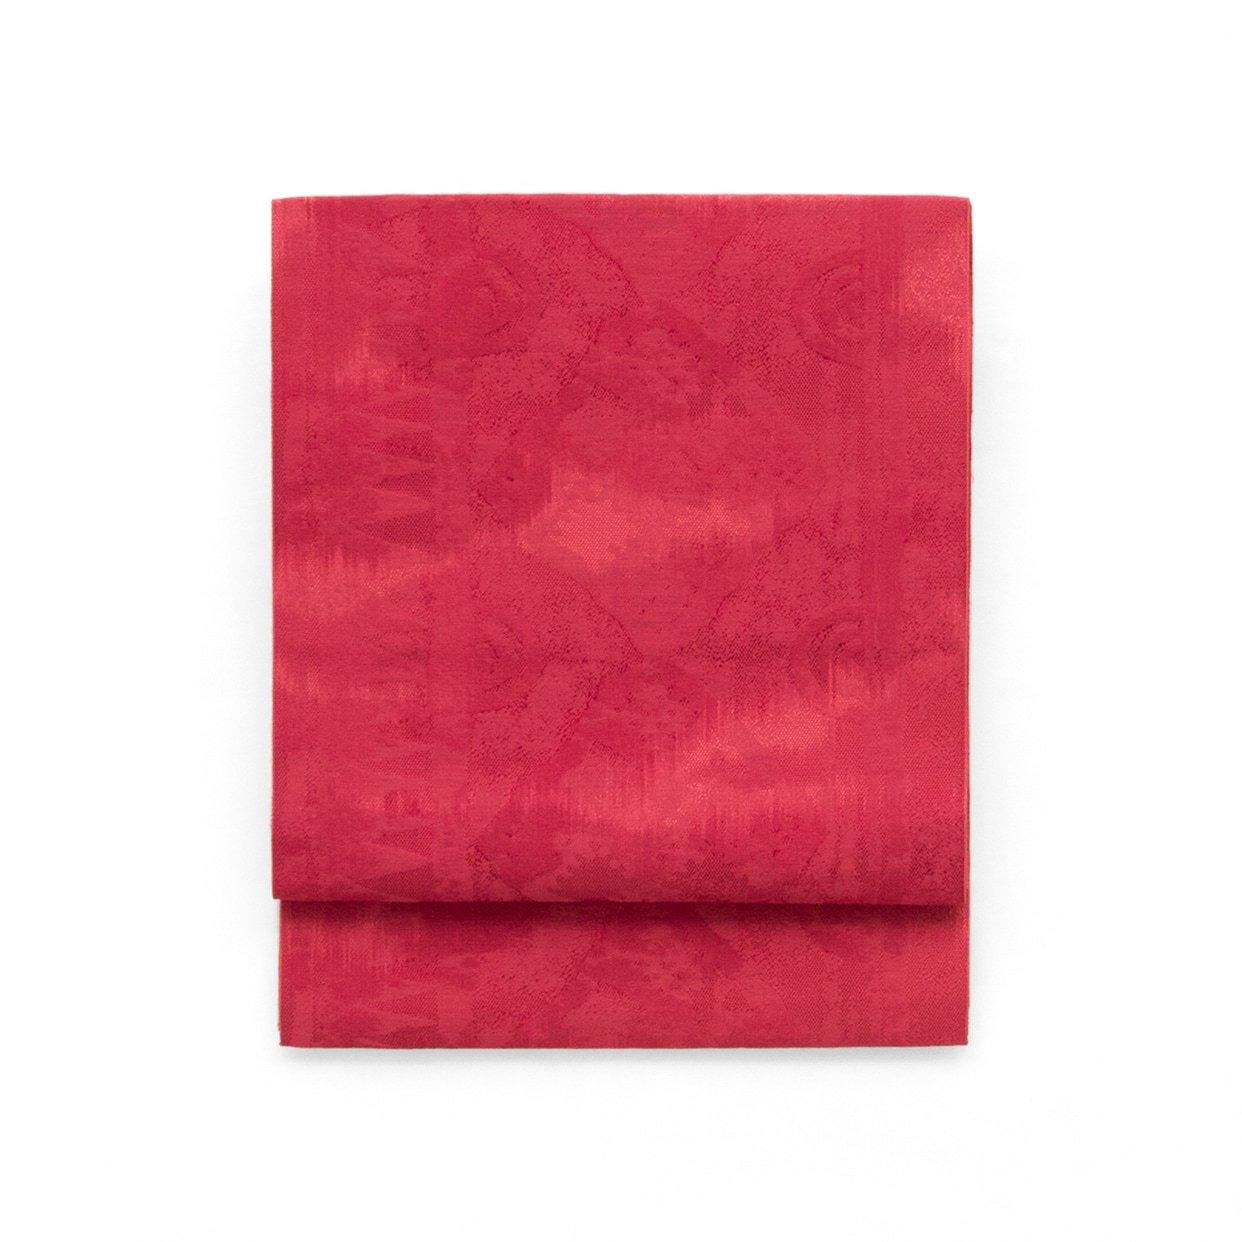 「赤無地 渦巻きや菱など」の商品画像